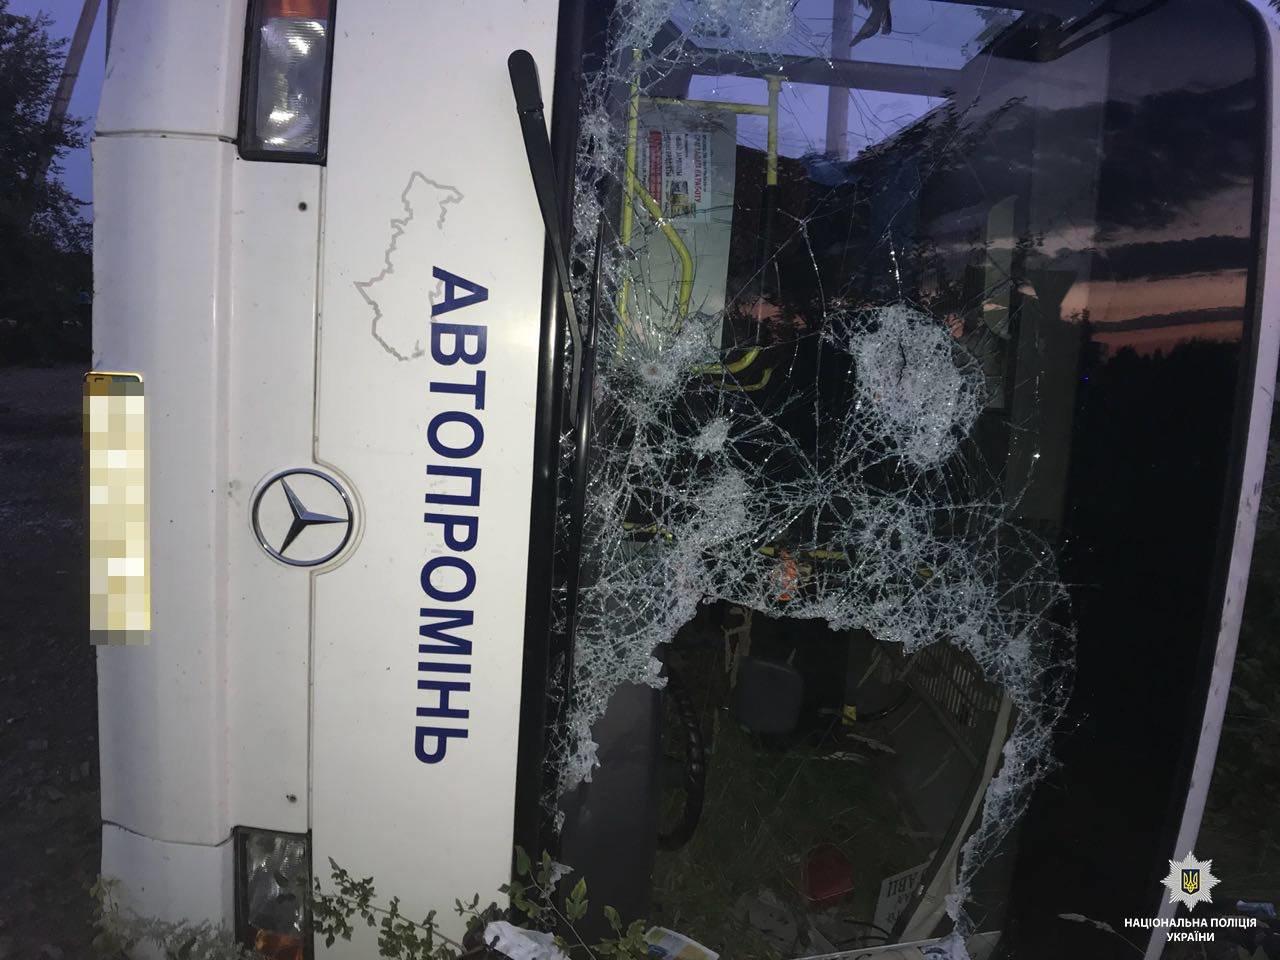 На Днепропетровщине после столкновения с Audi перевернулся автобус: 2 погибших, 23 травмированных, - ФОТО, ВИДЕО, фото-3